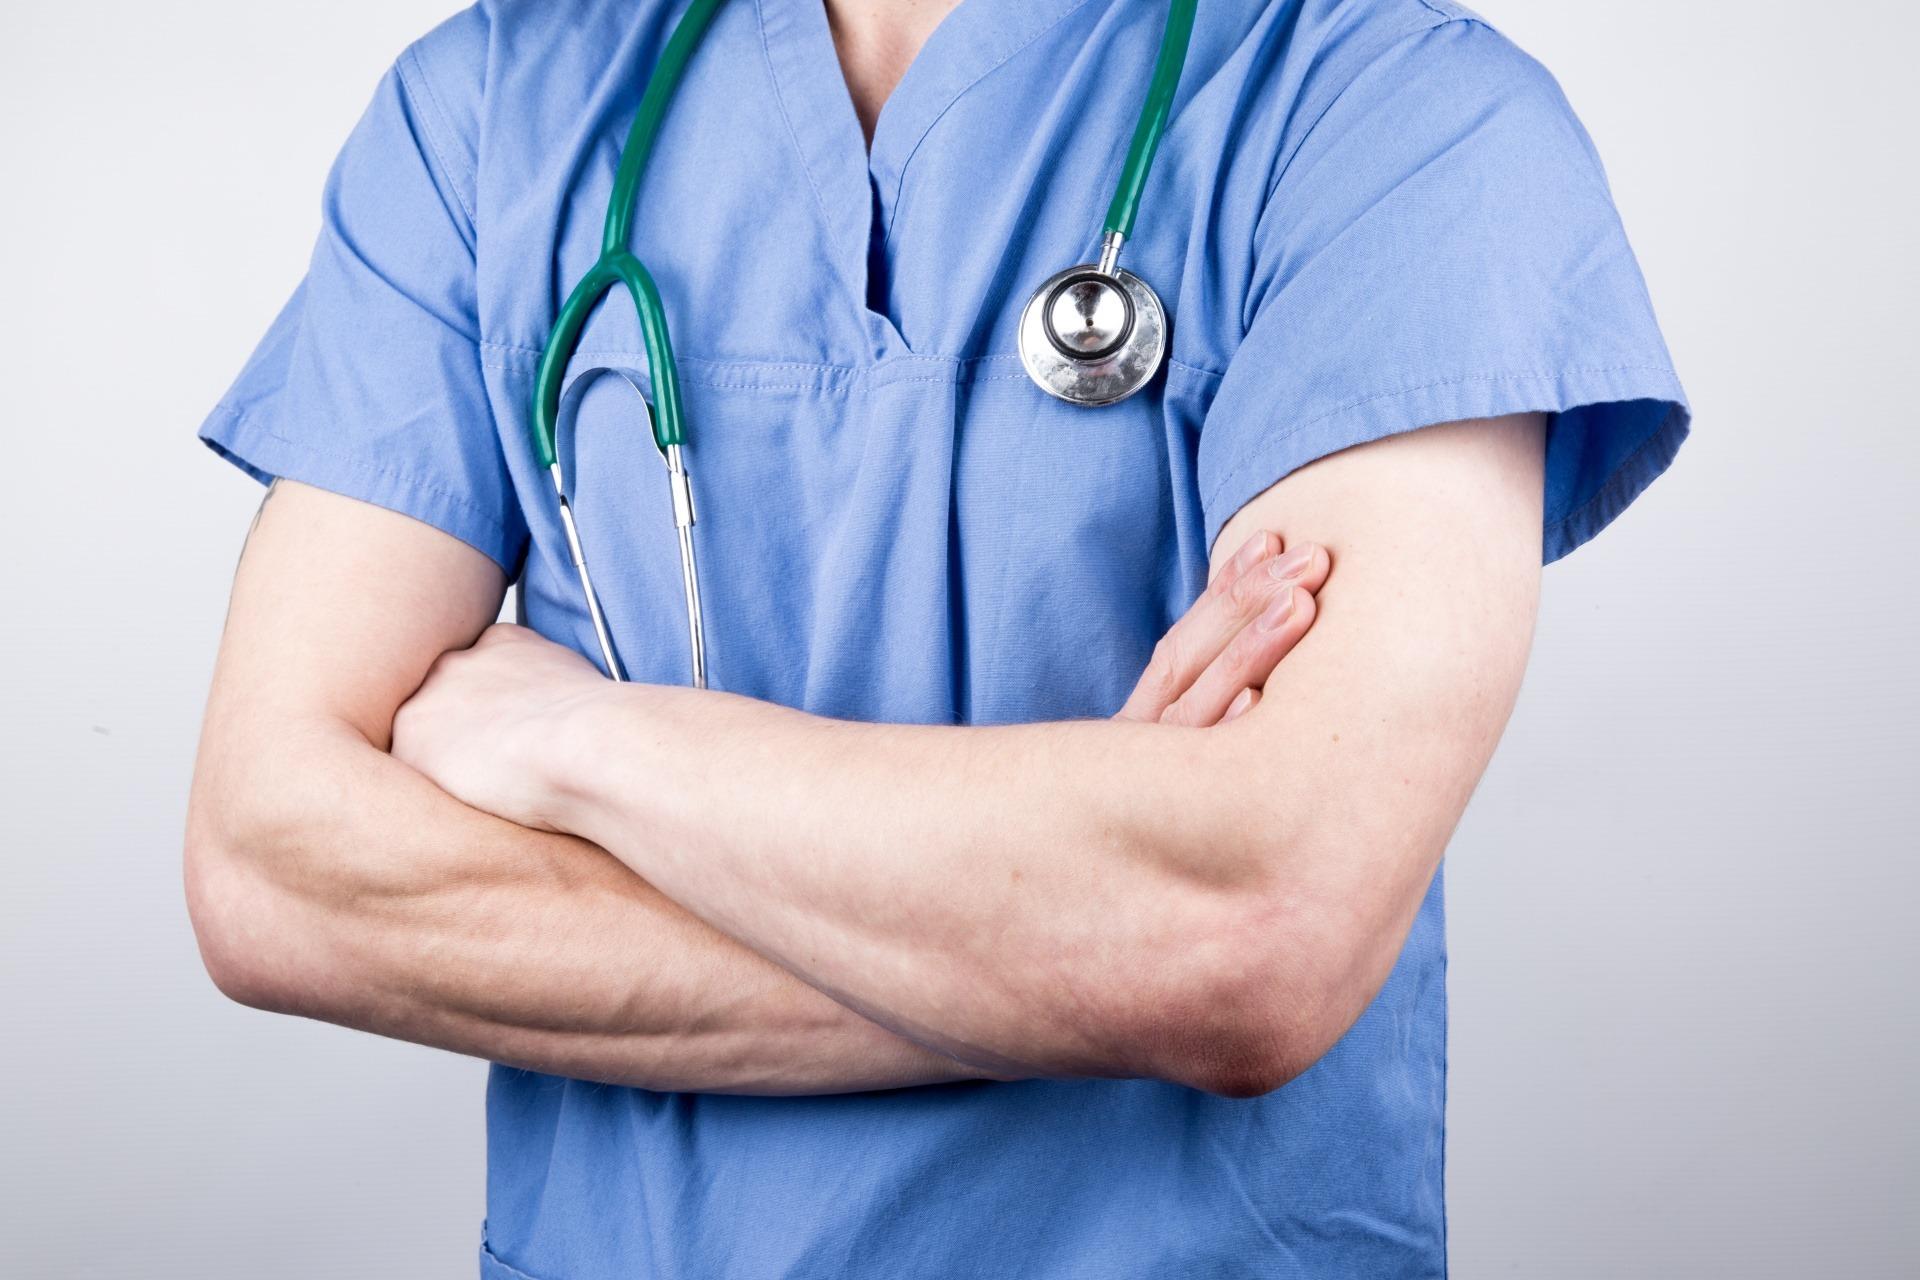 RC medica